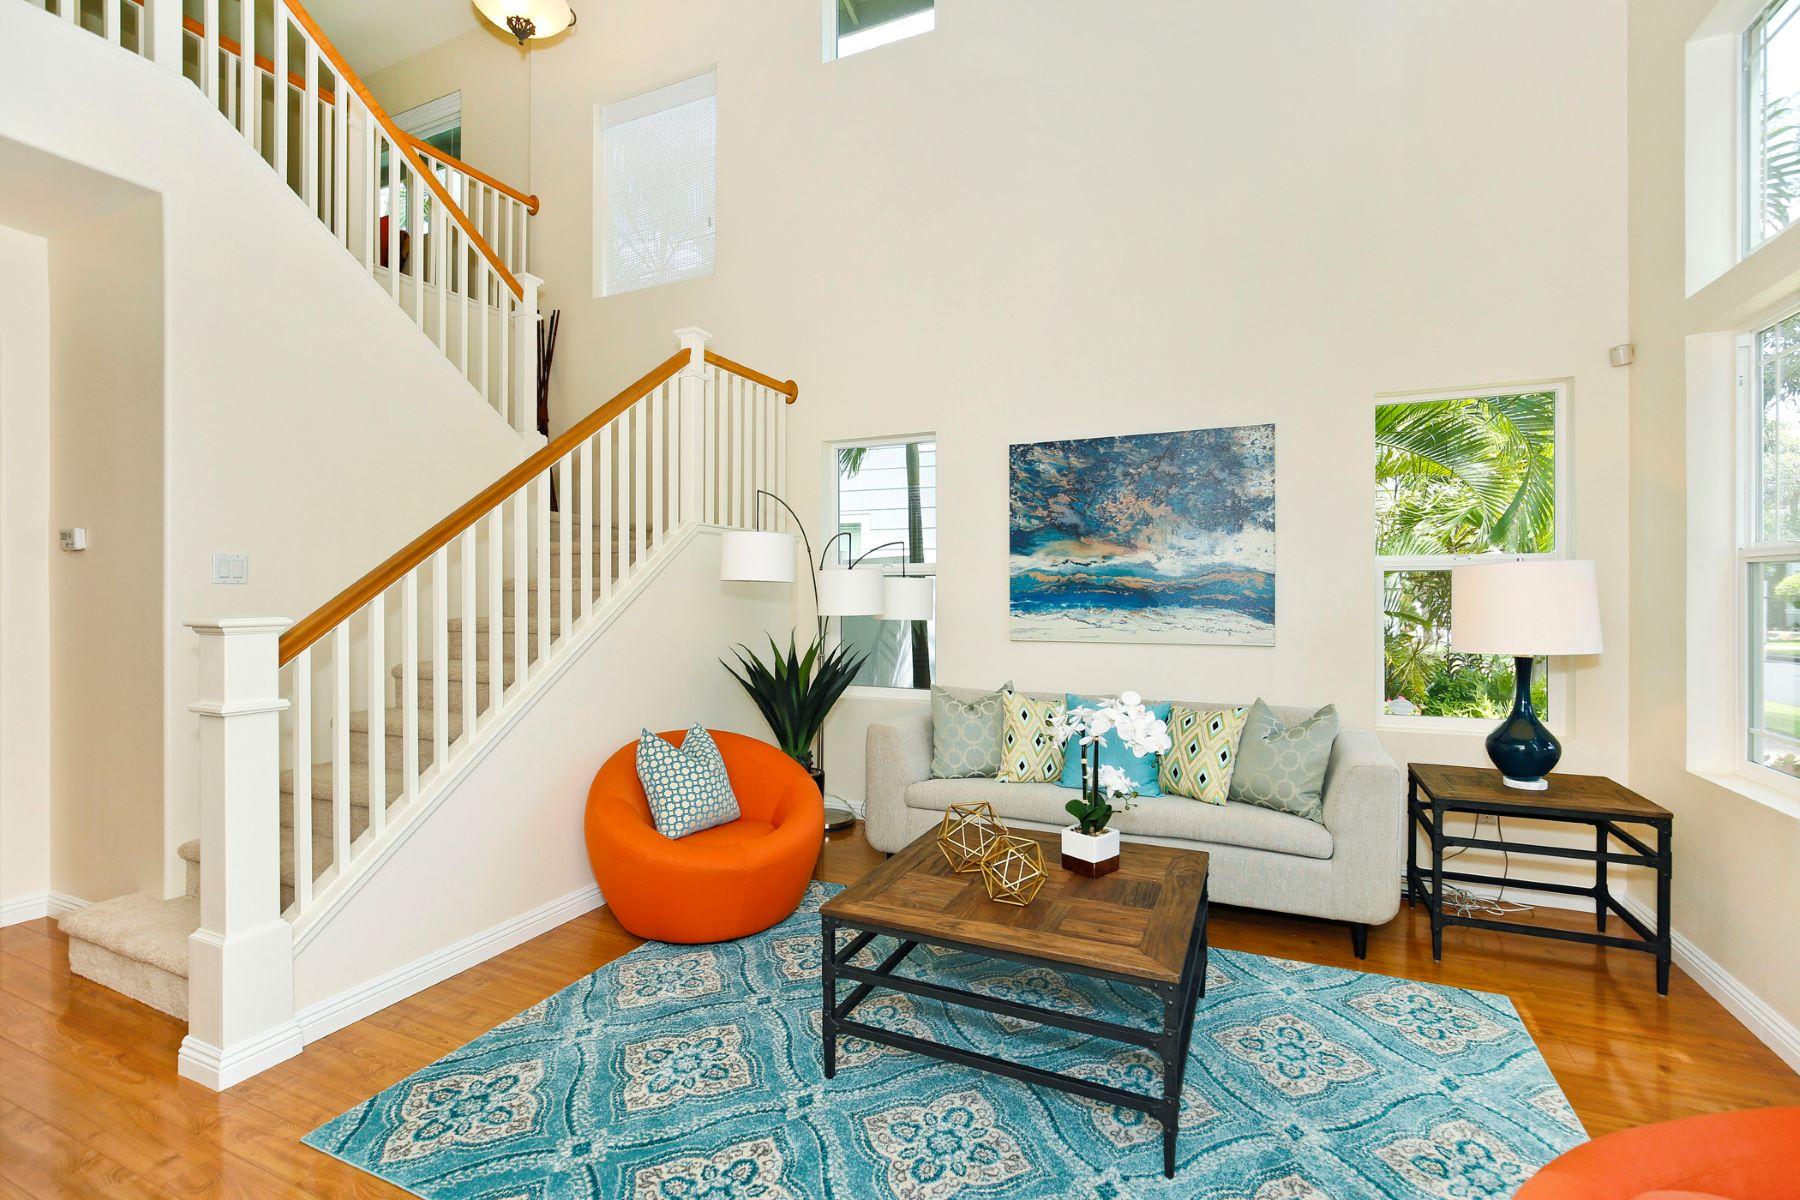 独户住宅 为 销售 在 Ocean Pointe Treasure 91-1032 Kaianae Street 伊娃海滨, 夏威夷 96706 美国